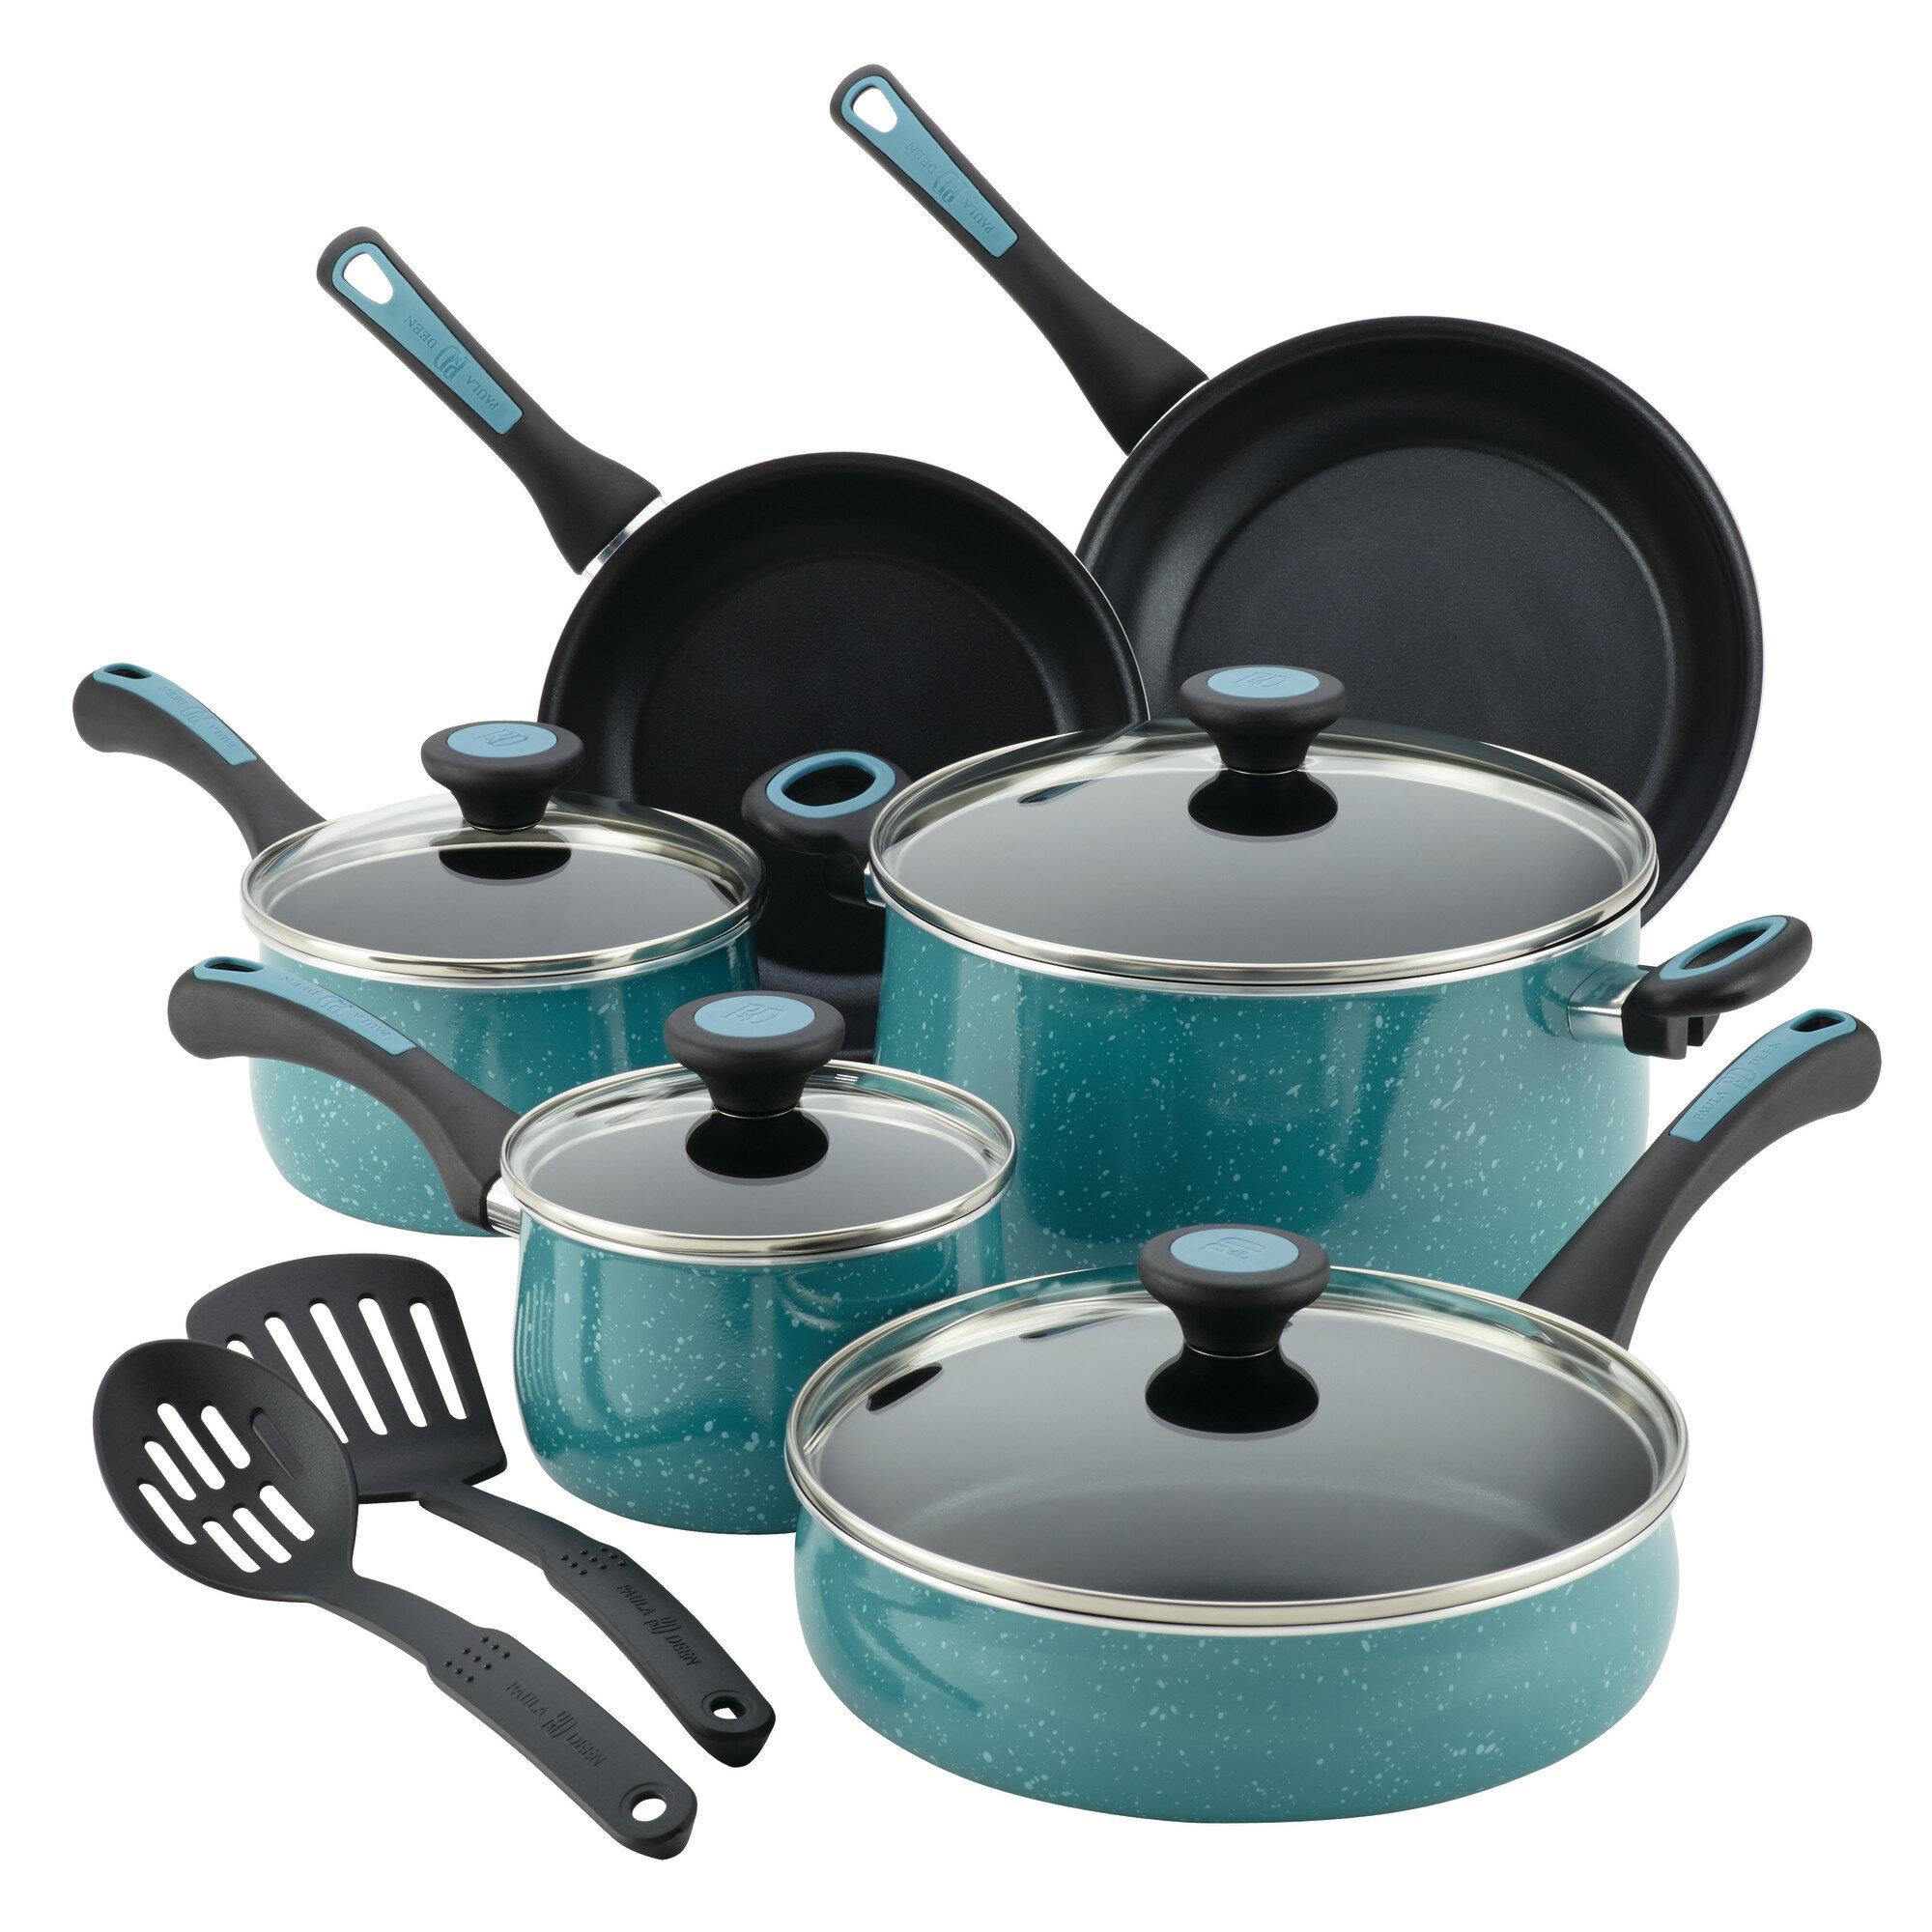 ba5b3be64 Paula Deen Riverbend 12 Piece Aluminum Nonstick Cookware Set & Reviews |  Wayfair